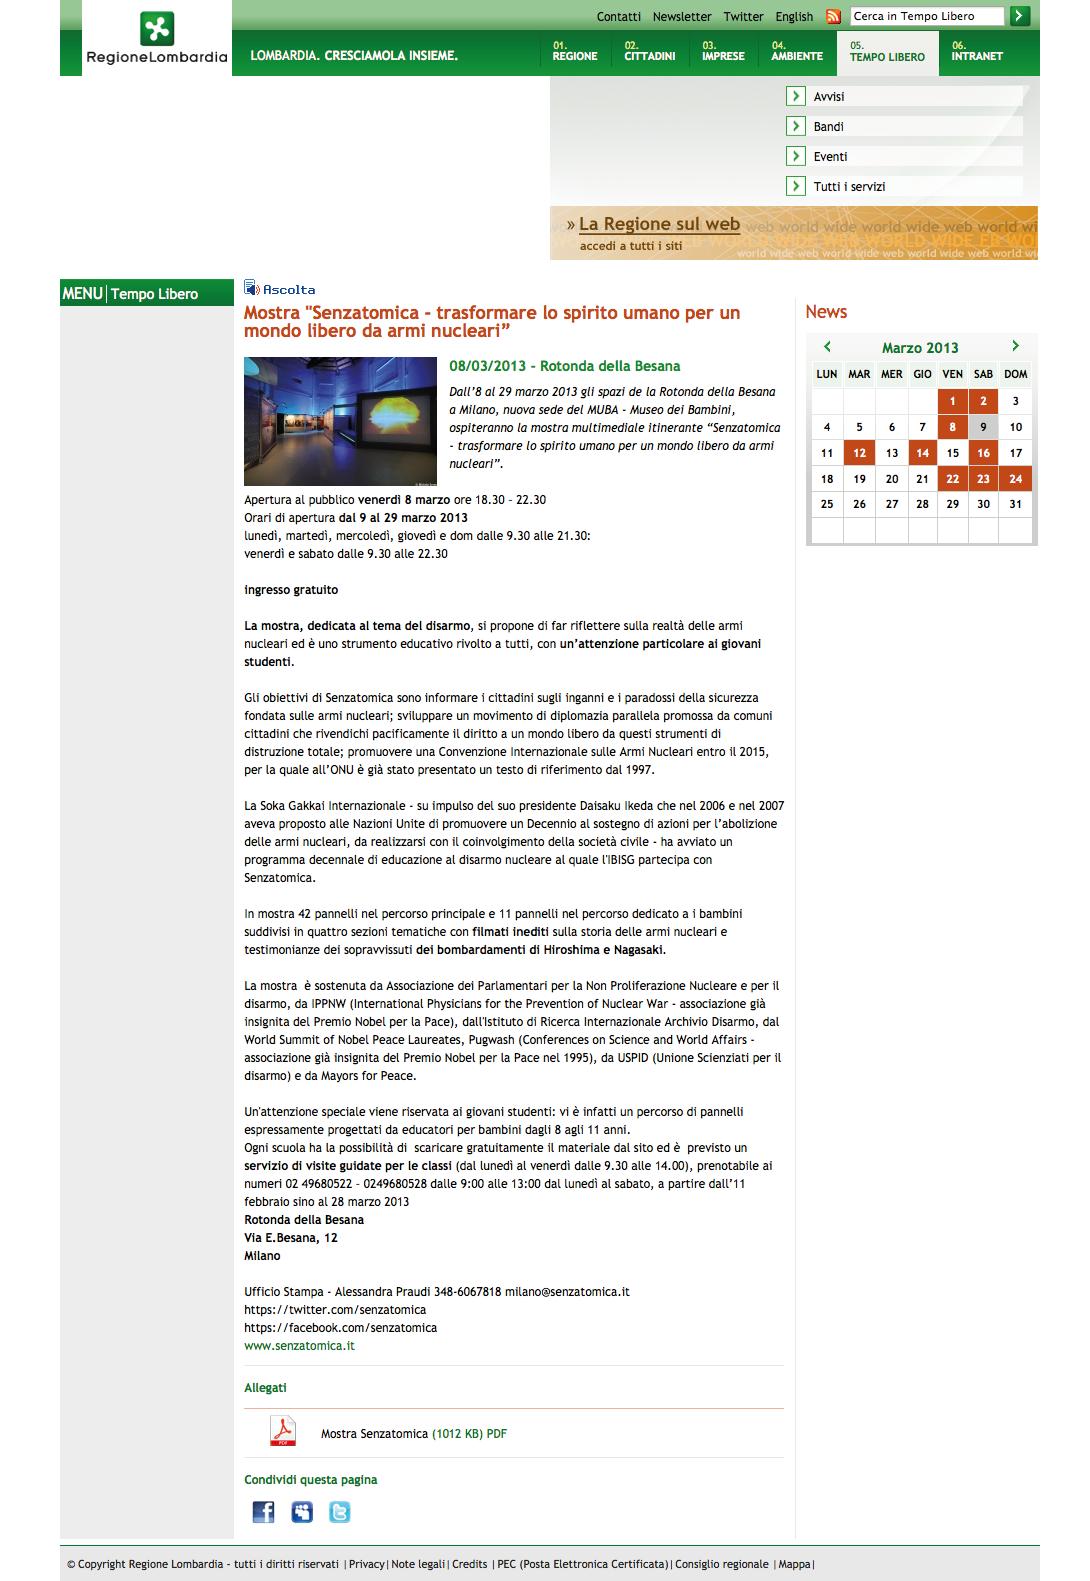 2013-03-05  Regione Lombardia | Tempo Libero